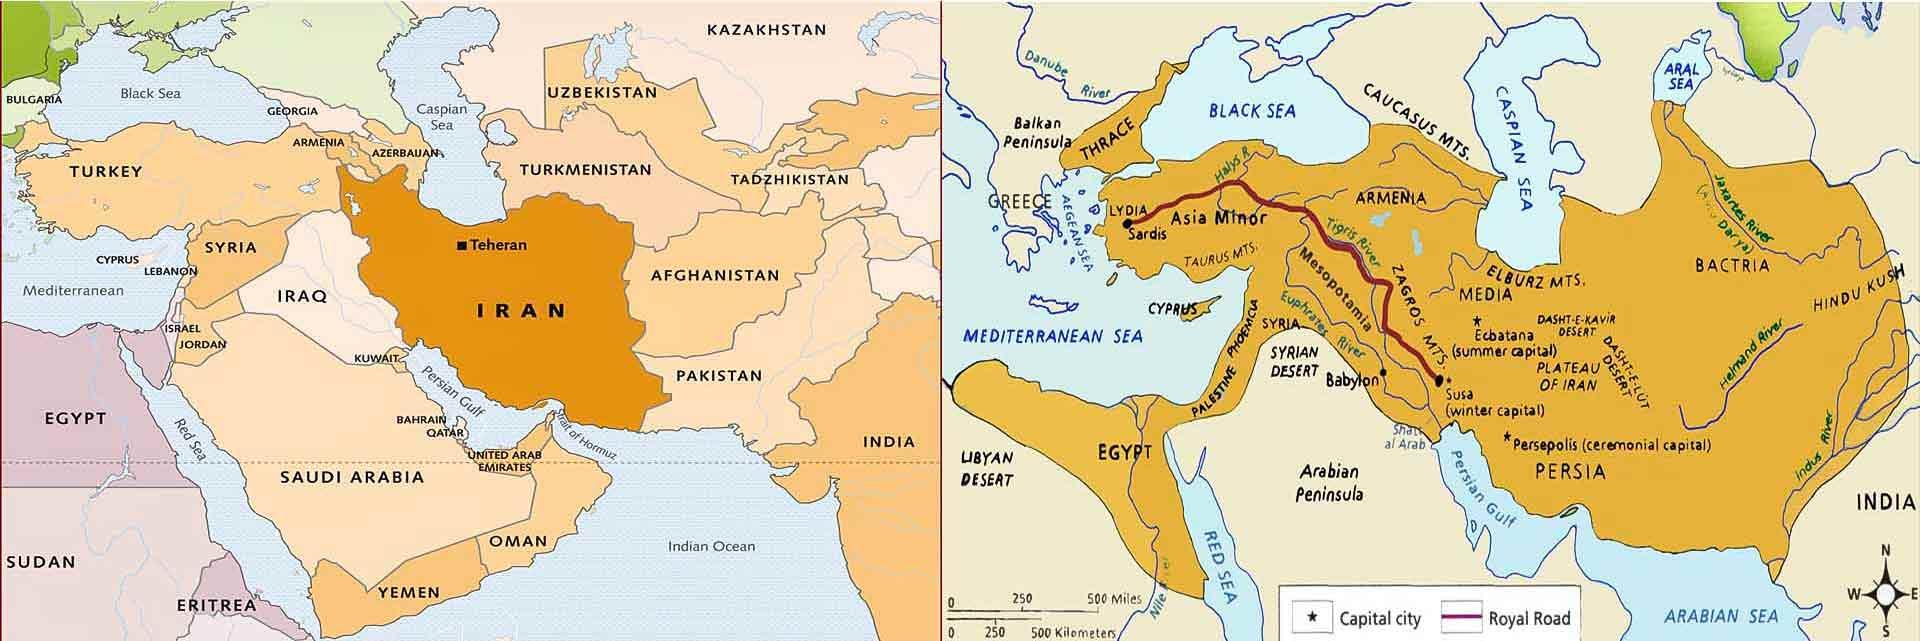 Iran vs Persia